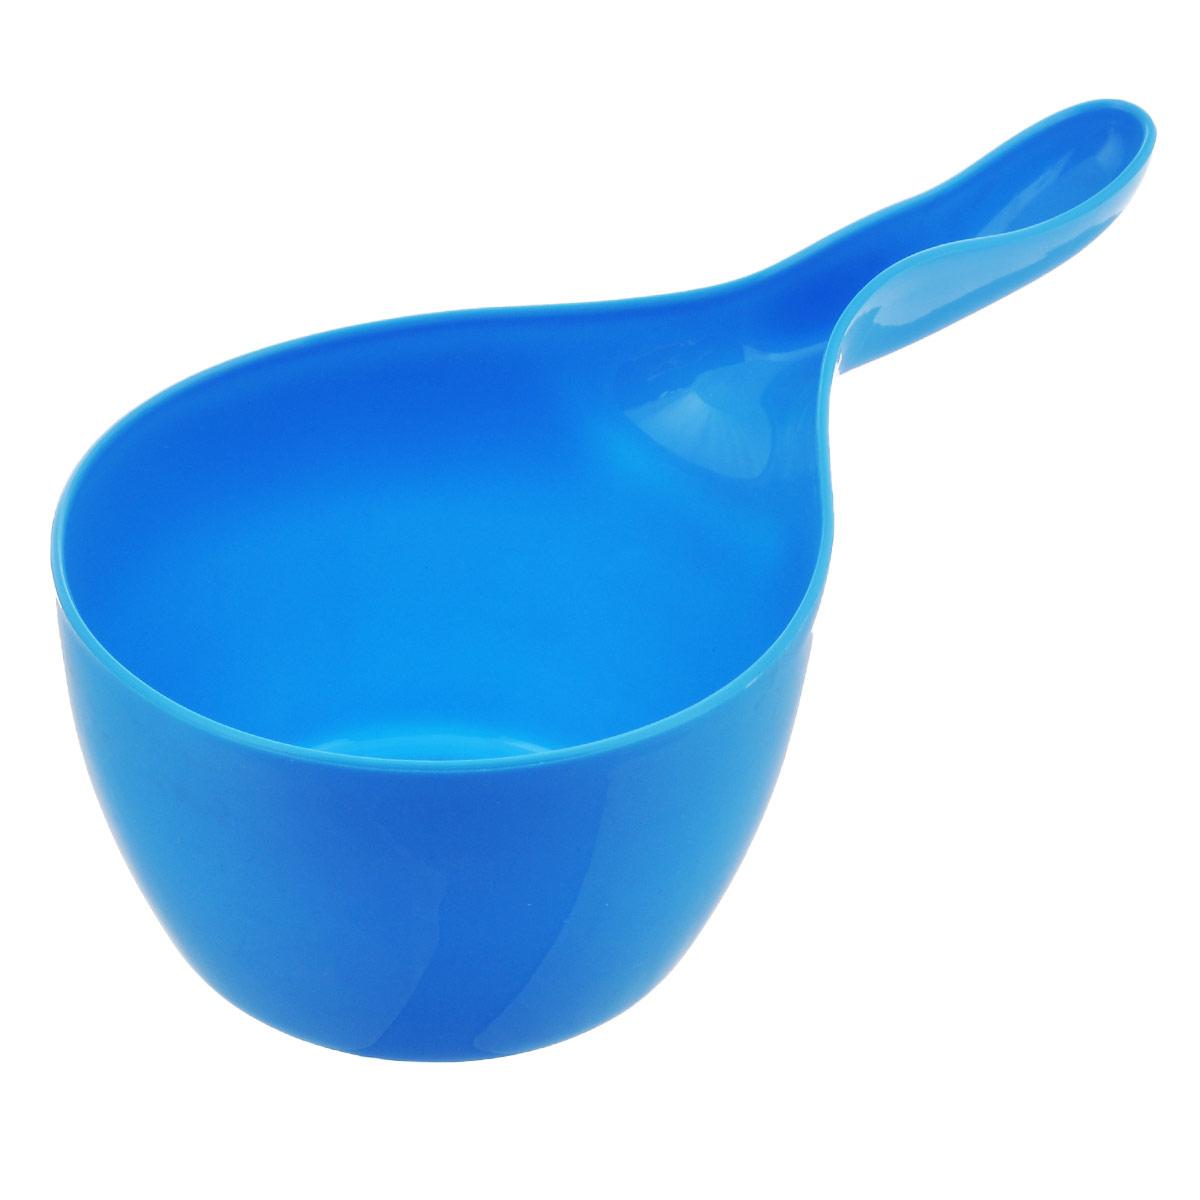 Ковш Oriental Way, 1,3 л, цвет: голубой10056_голубойКовш Oriental Way, изготовленный из высококачественного цветного пластика, непременно пригодится в хозяйстве. С его помощью вы сможете легко добавить воды в посуду при приготовлении пищи или же он поможет вам разбавить воду в детской ванночке. Изделие оснащено удобной ручкой. Практичный и удобный ковш займет достойное место среди хозяйственных аксессуаров в вашем доме. Длина ручки ковша: 11,5 см. Высота стенок ковша: 9 см.